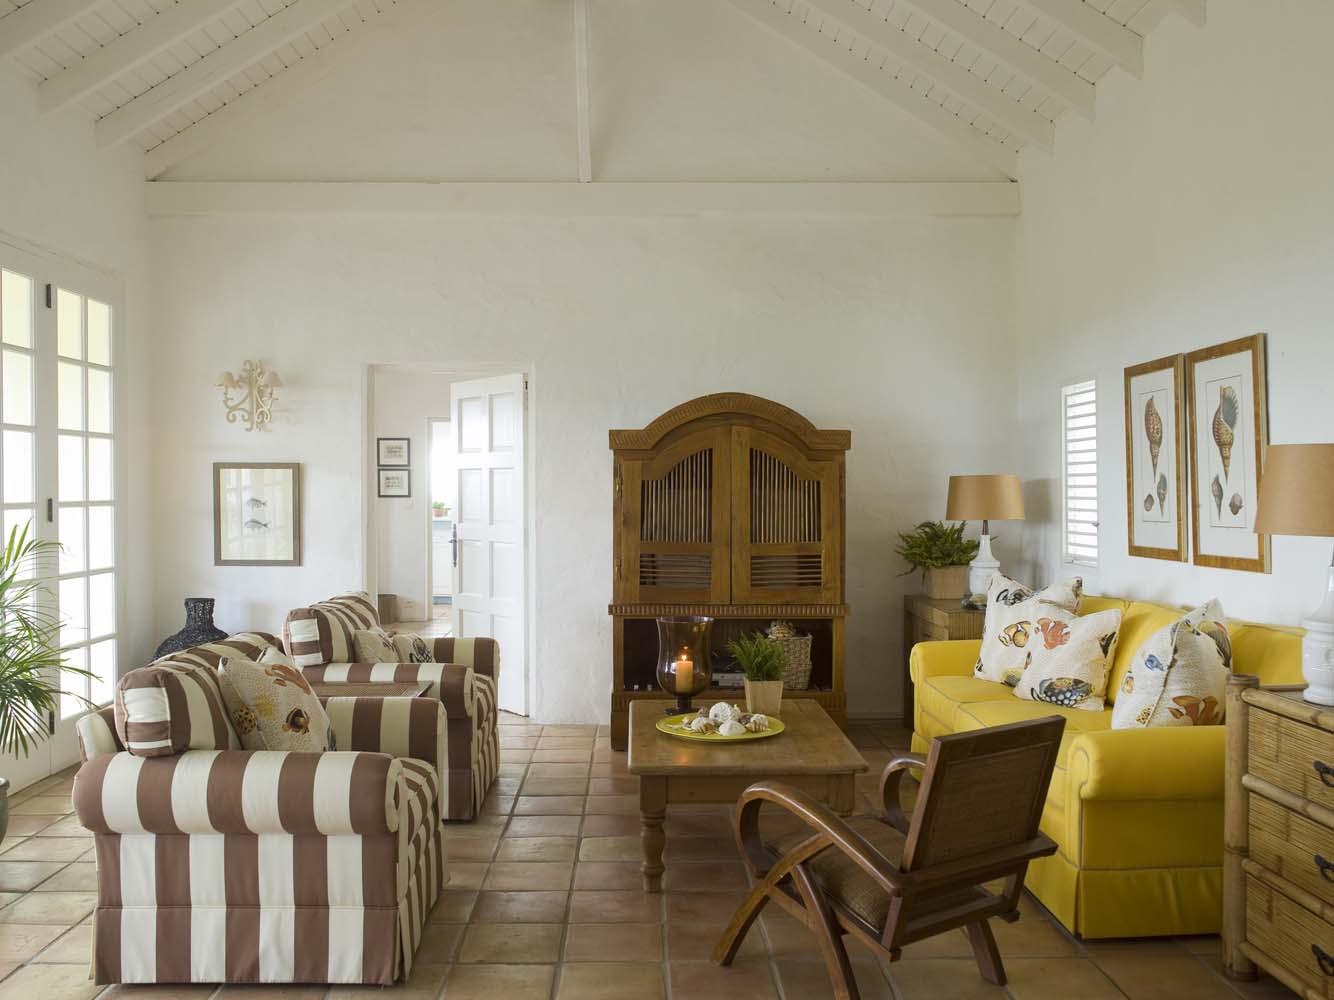 La Croisette, Baie Longue, Terres Basses, St. Martin villa rental, French West Indies.